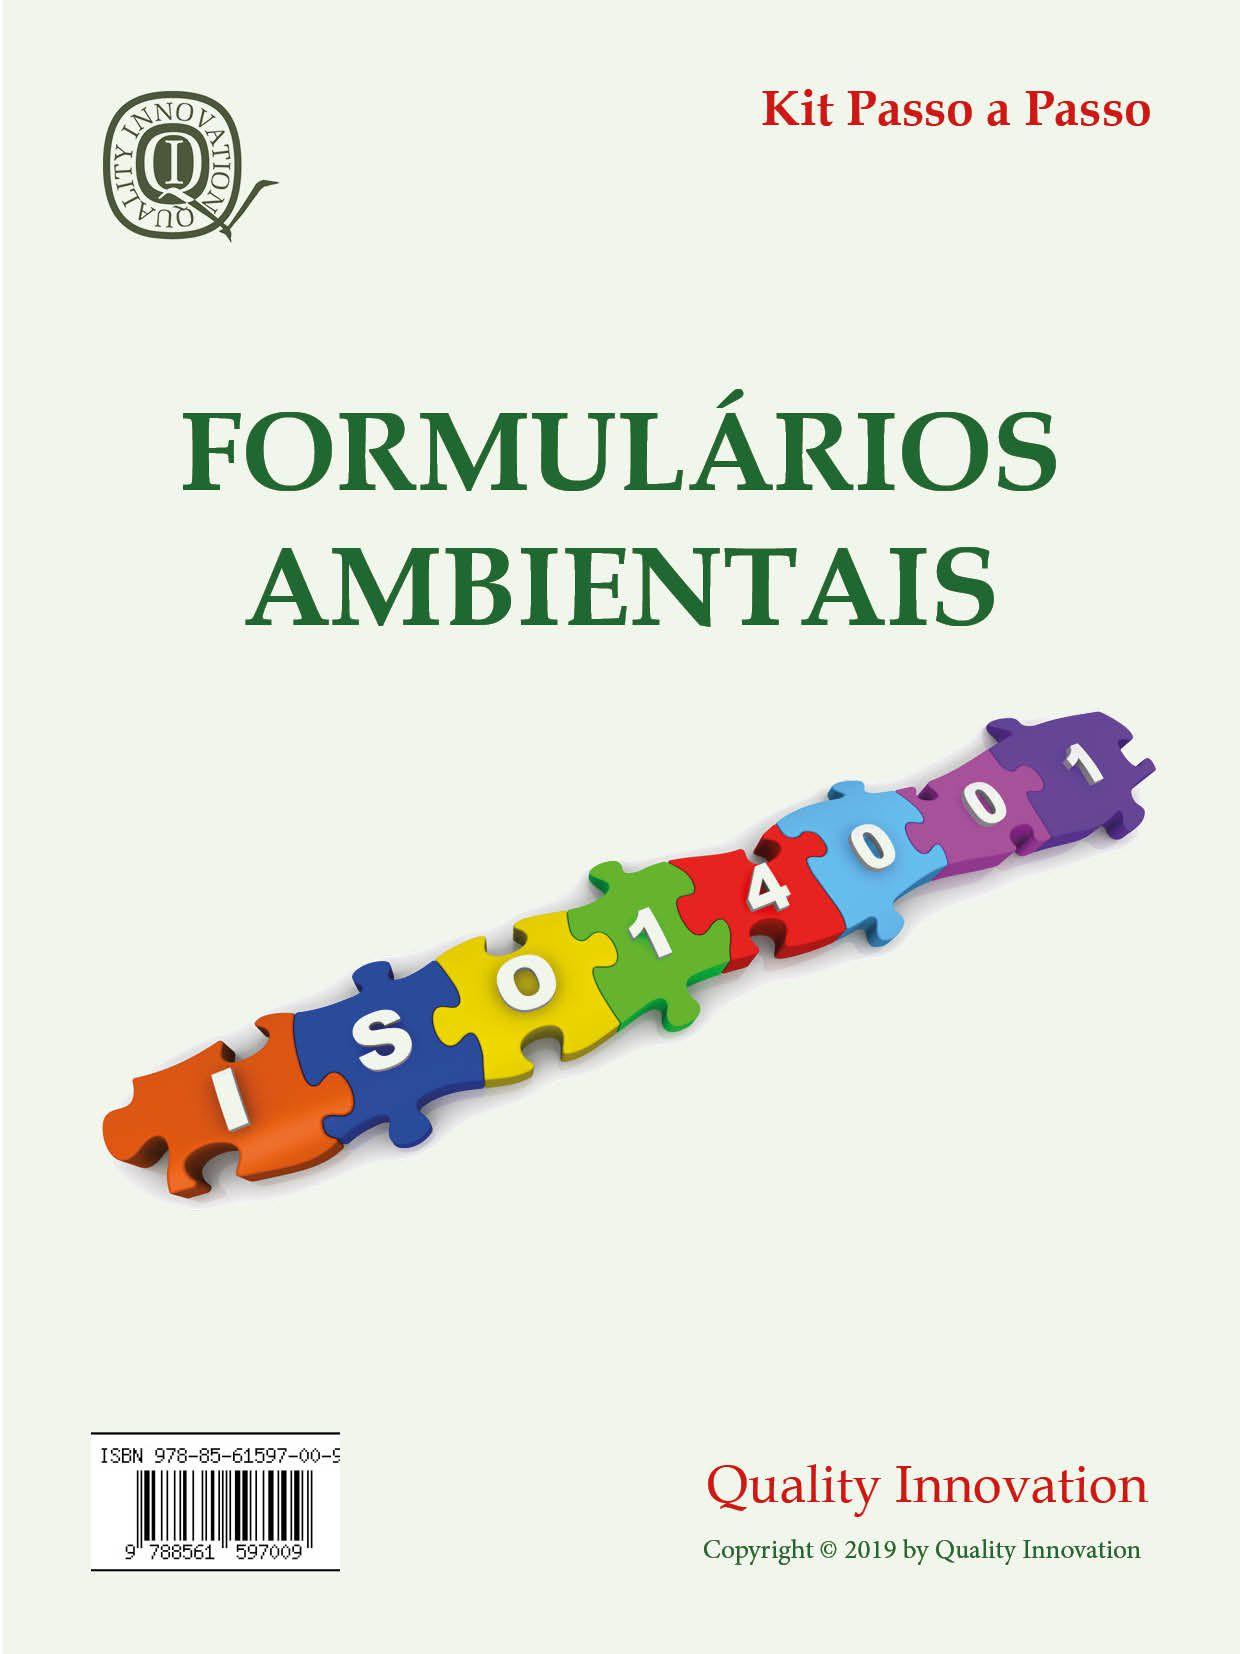 Formulários Ambientais da norma ISO 14001  - www.qualistore.net.br